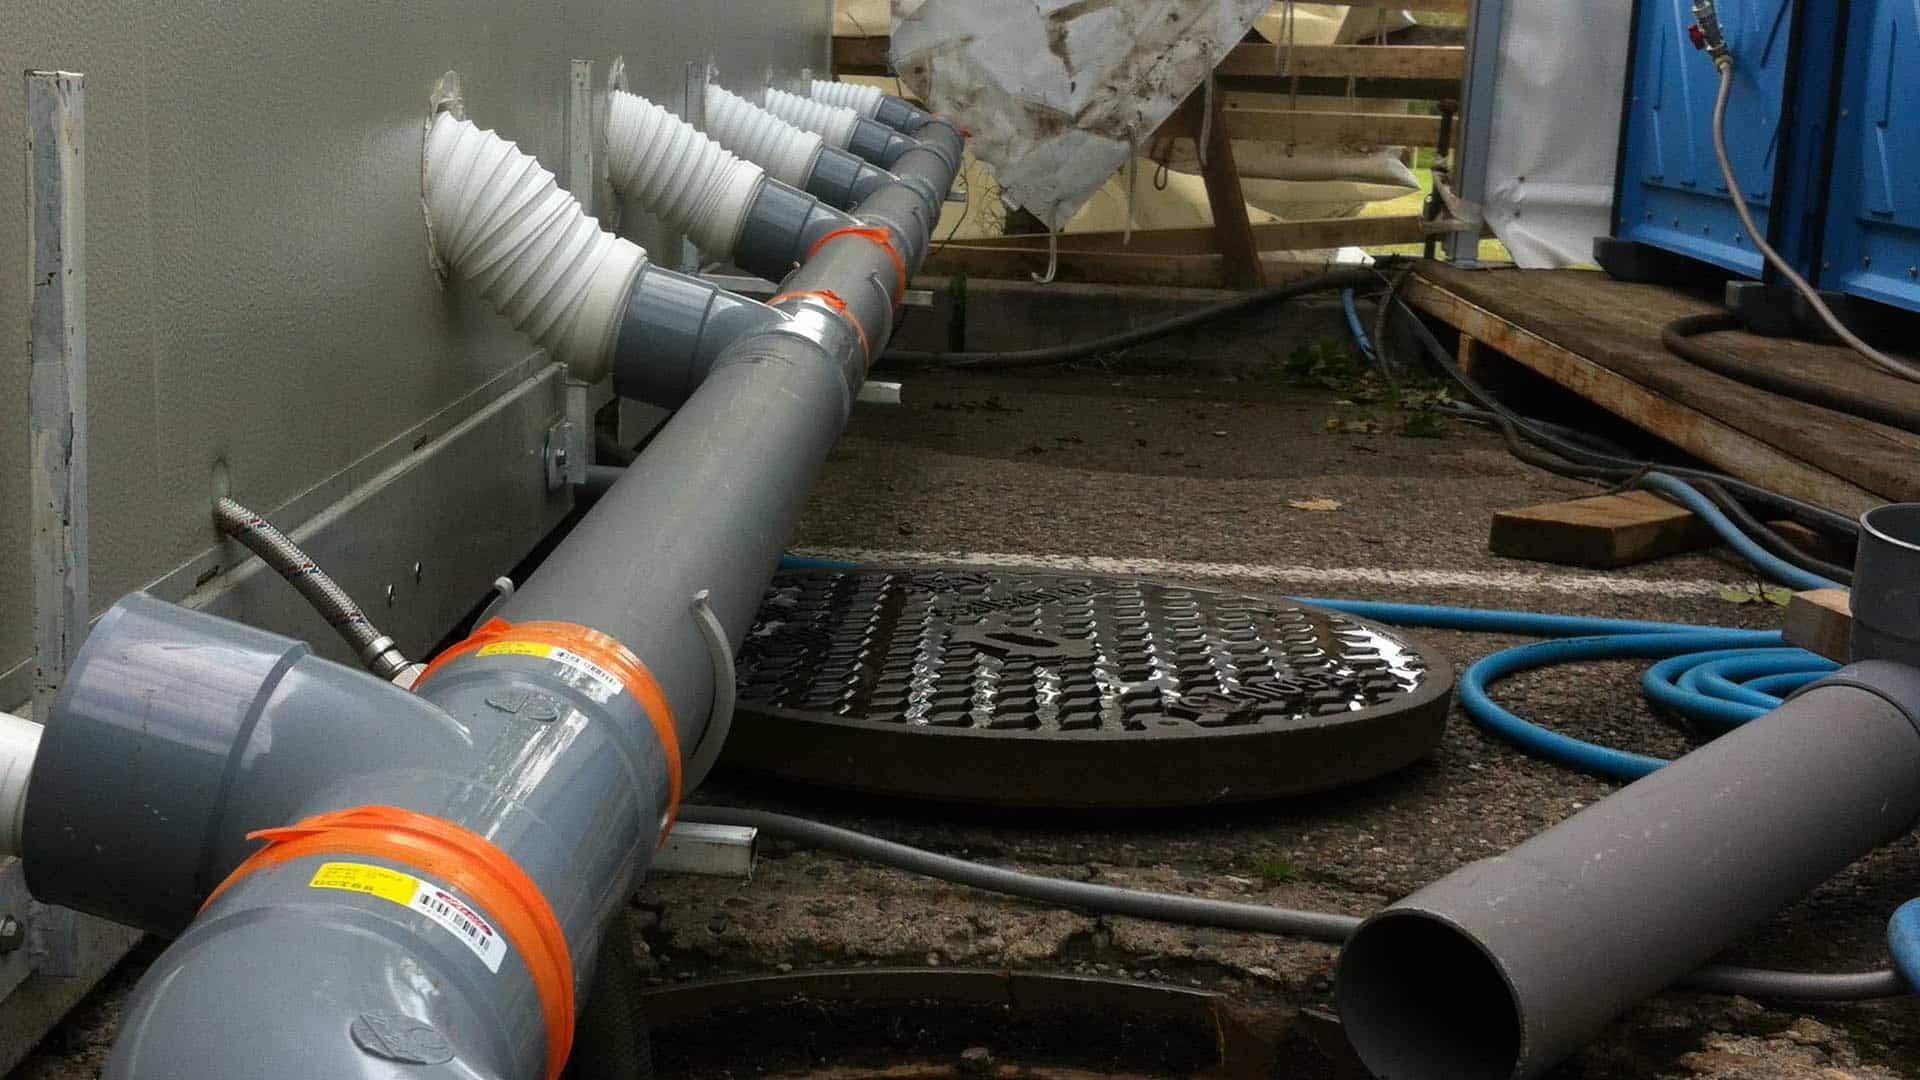 Système d'évacuation des eaux usées